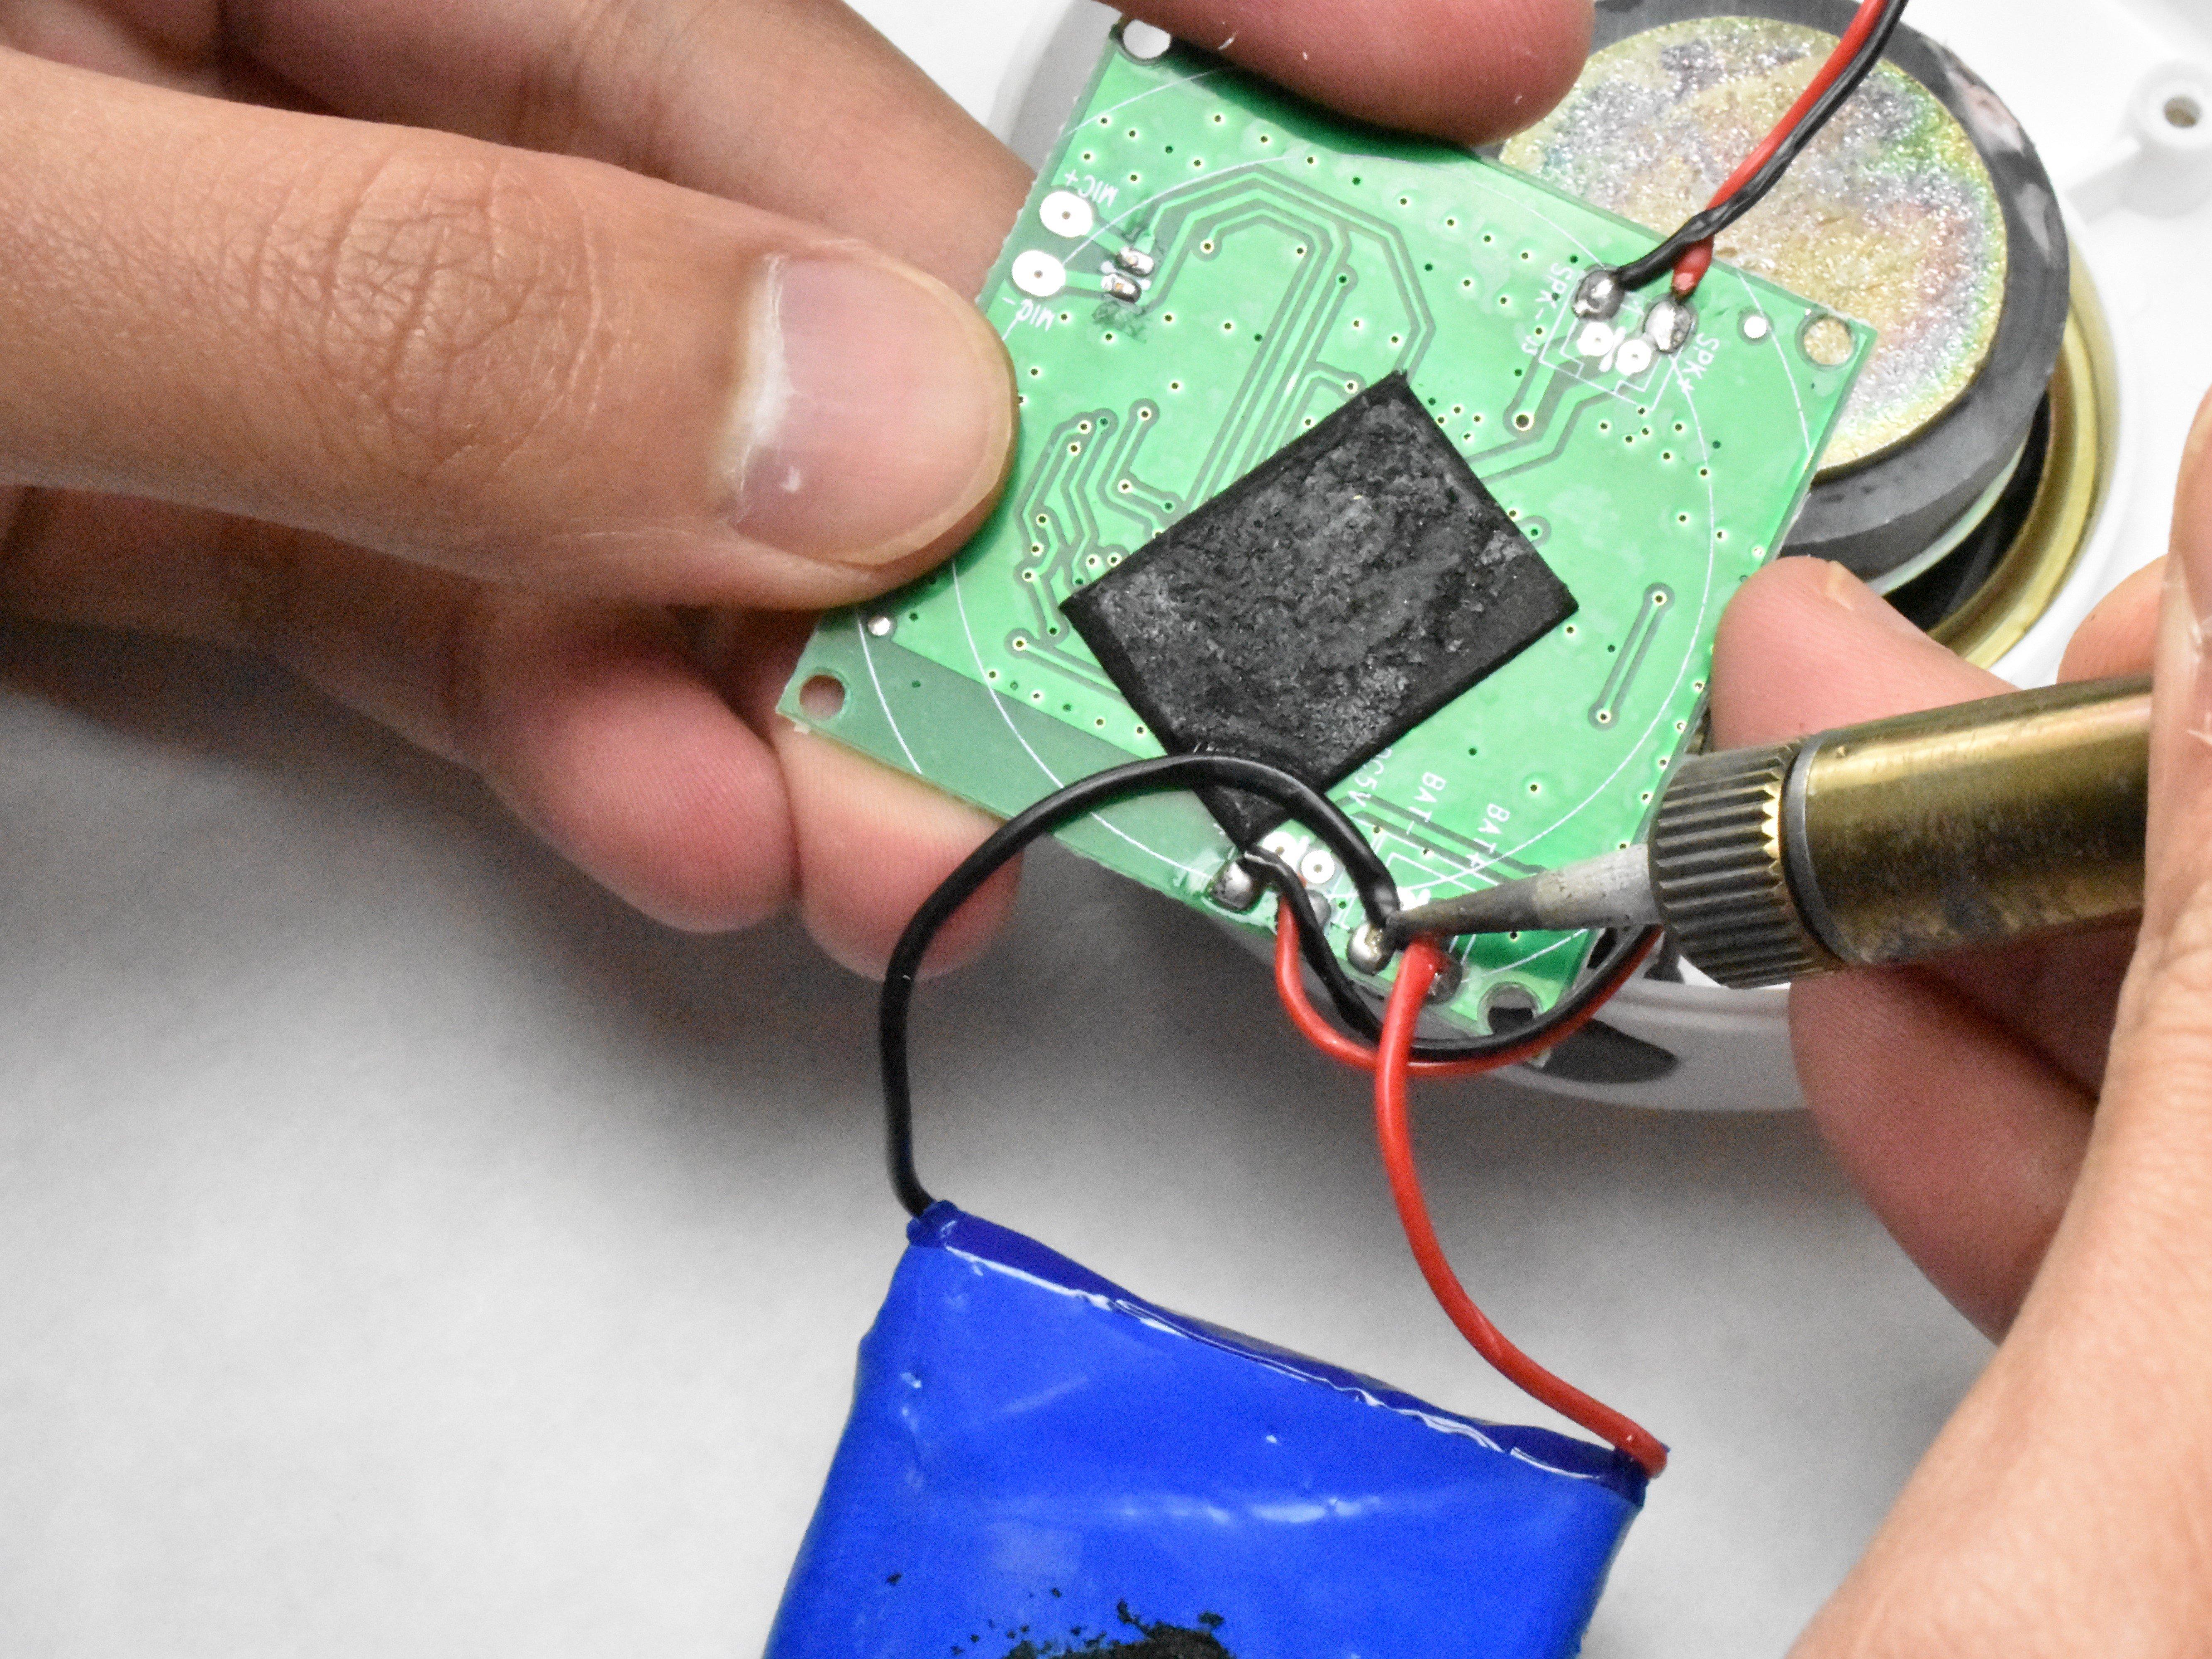 Showerdoordirect Shower Speaker Motherboard Replacement Ifixit Repair Guide